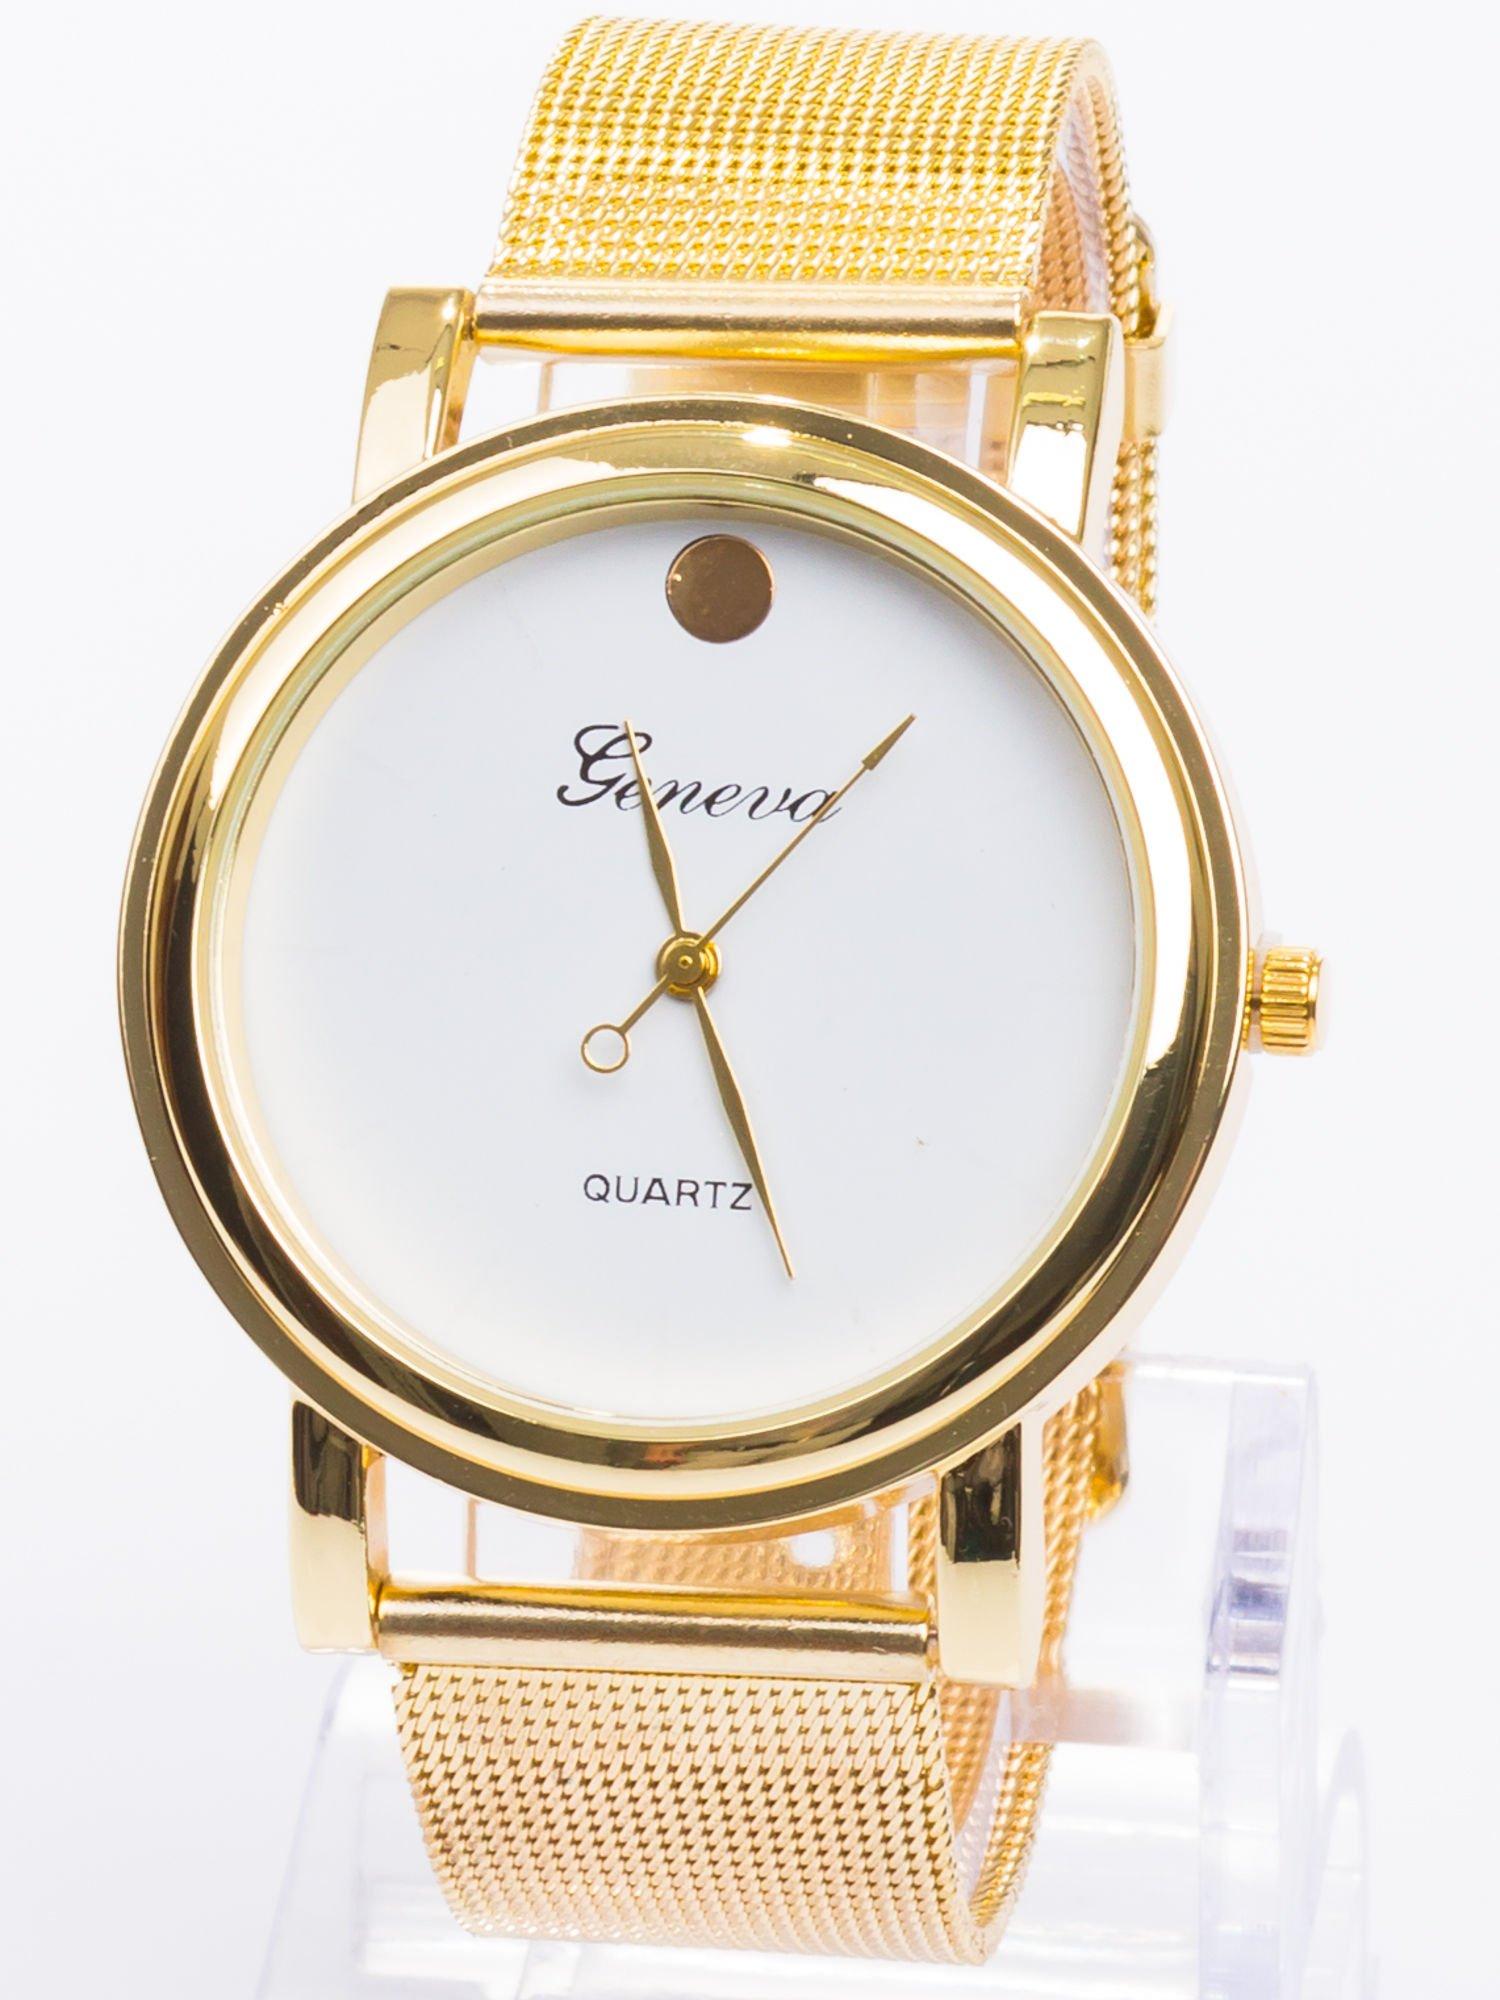 GENEVA Damski zegarek                                   zdj.                                  2